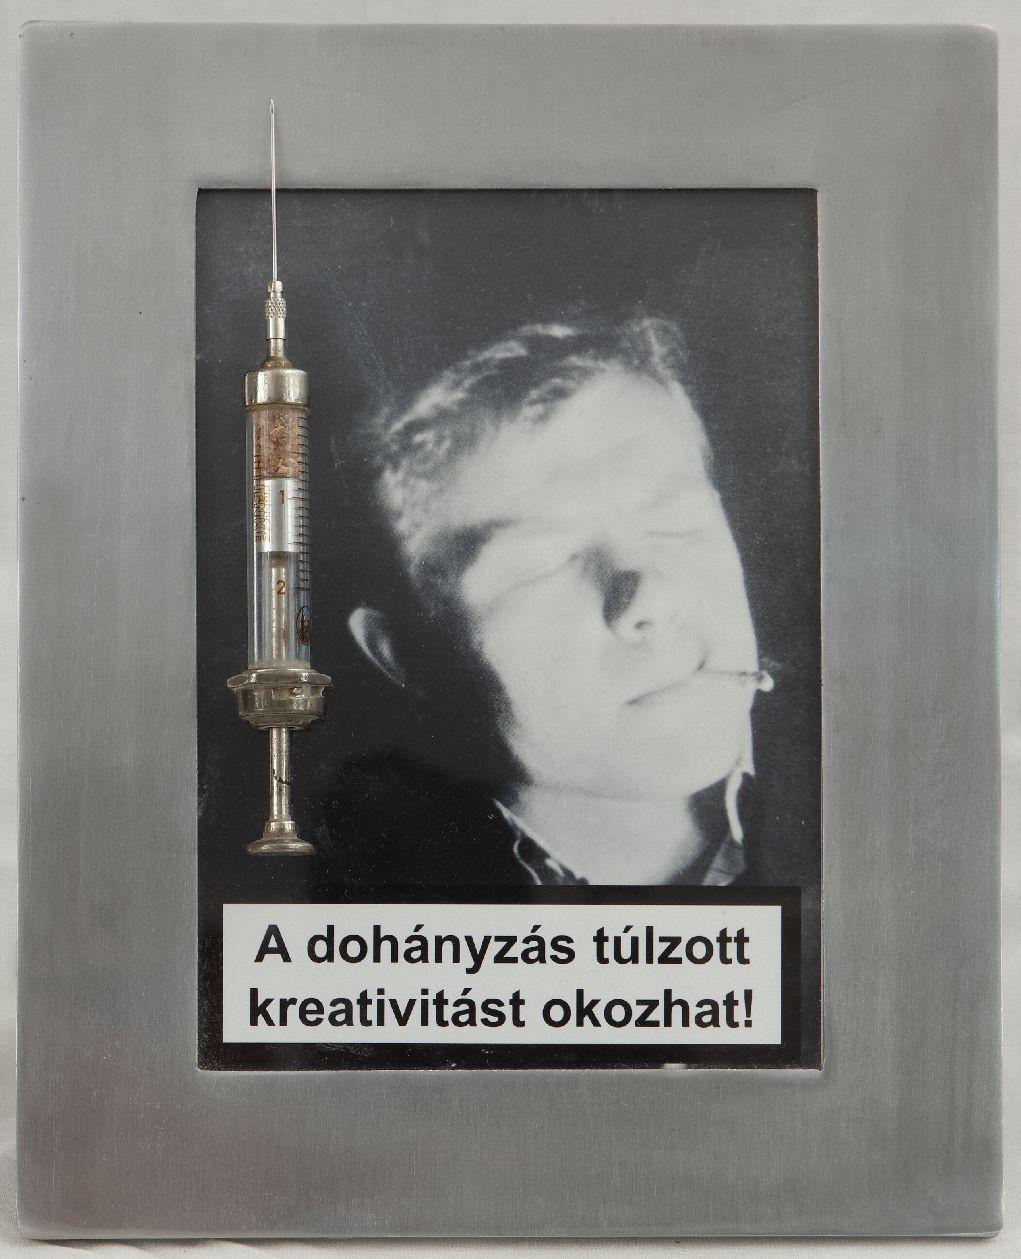 Urvölgyi Balázs - A dohányzás túlzott kreativitást okozhat - 200